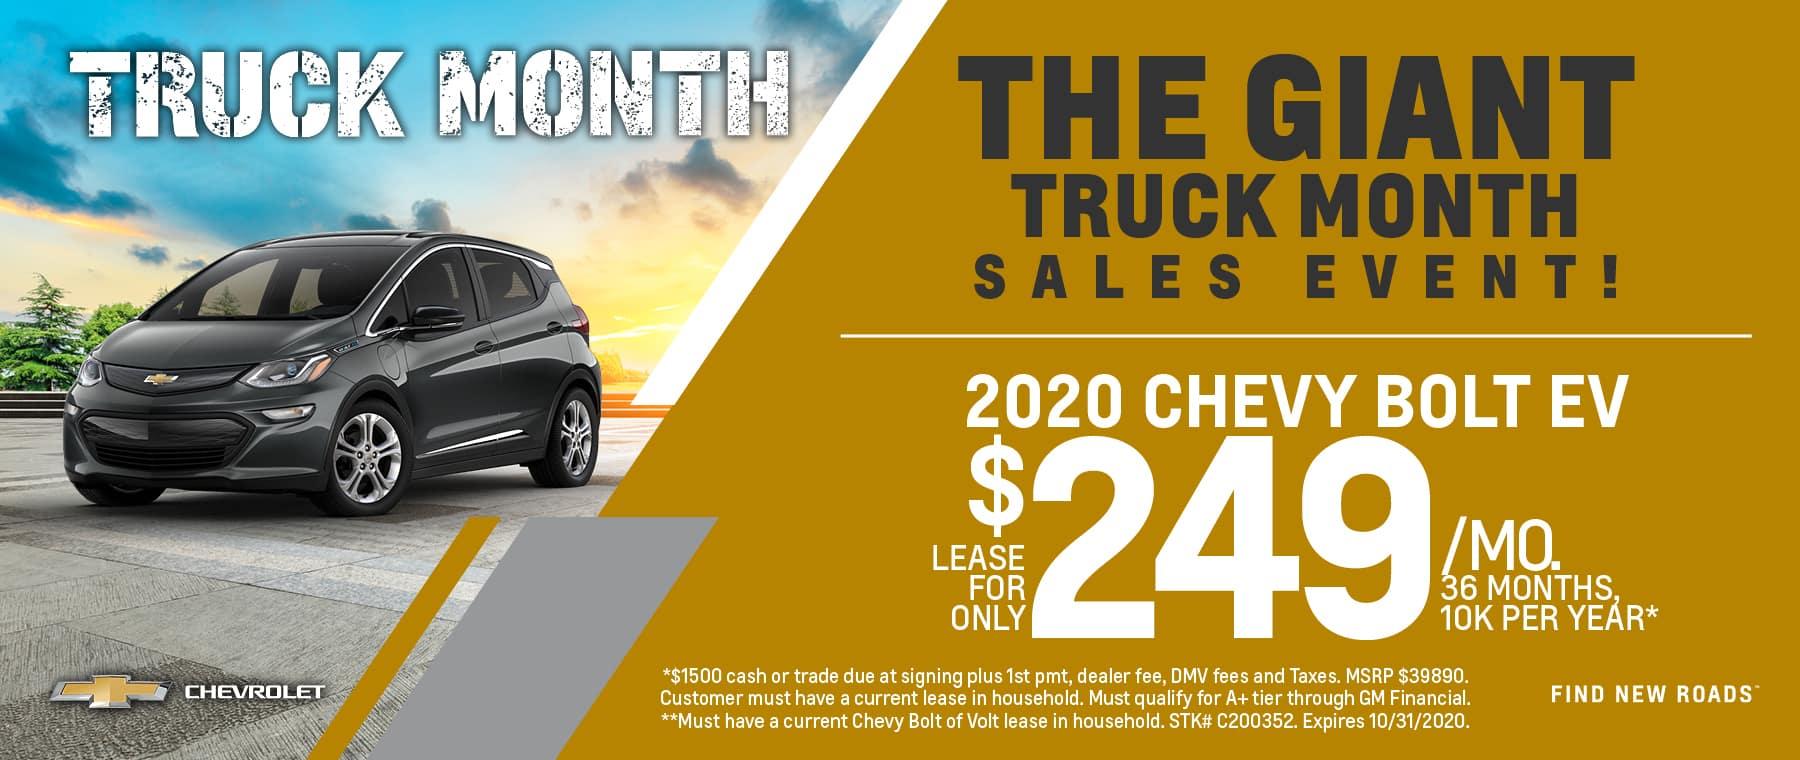 53173-WB-COWC Truck Month Rotators7